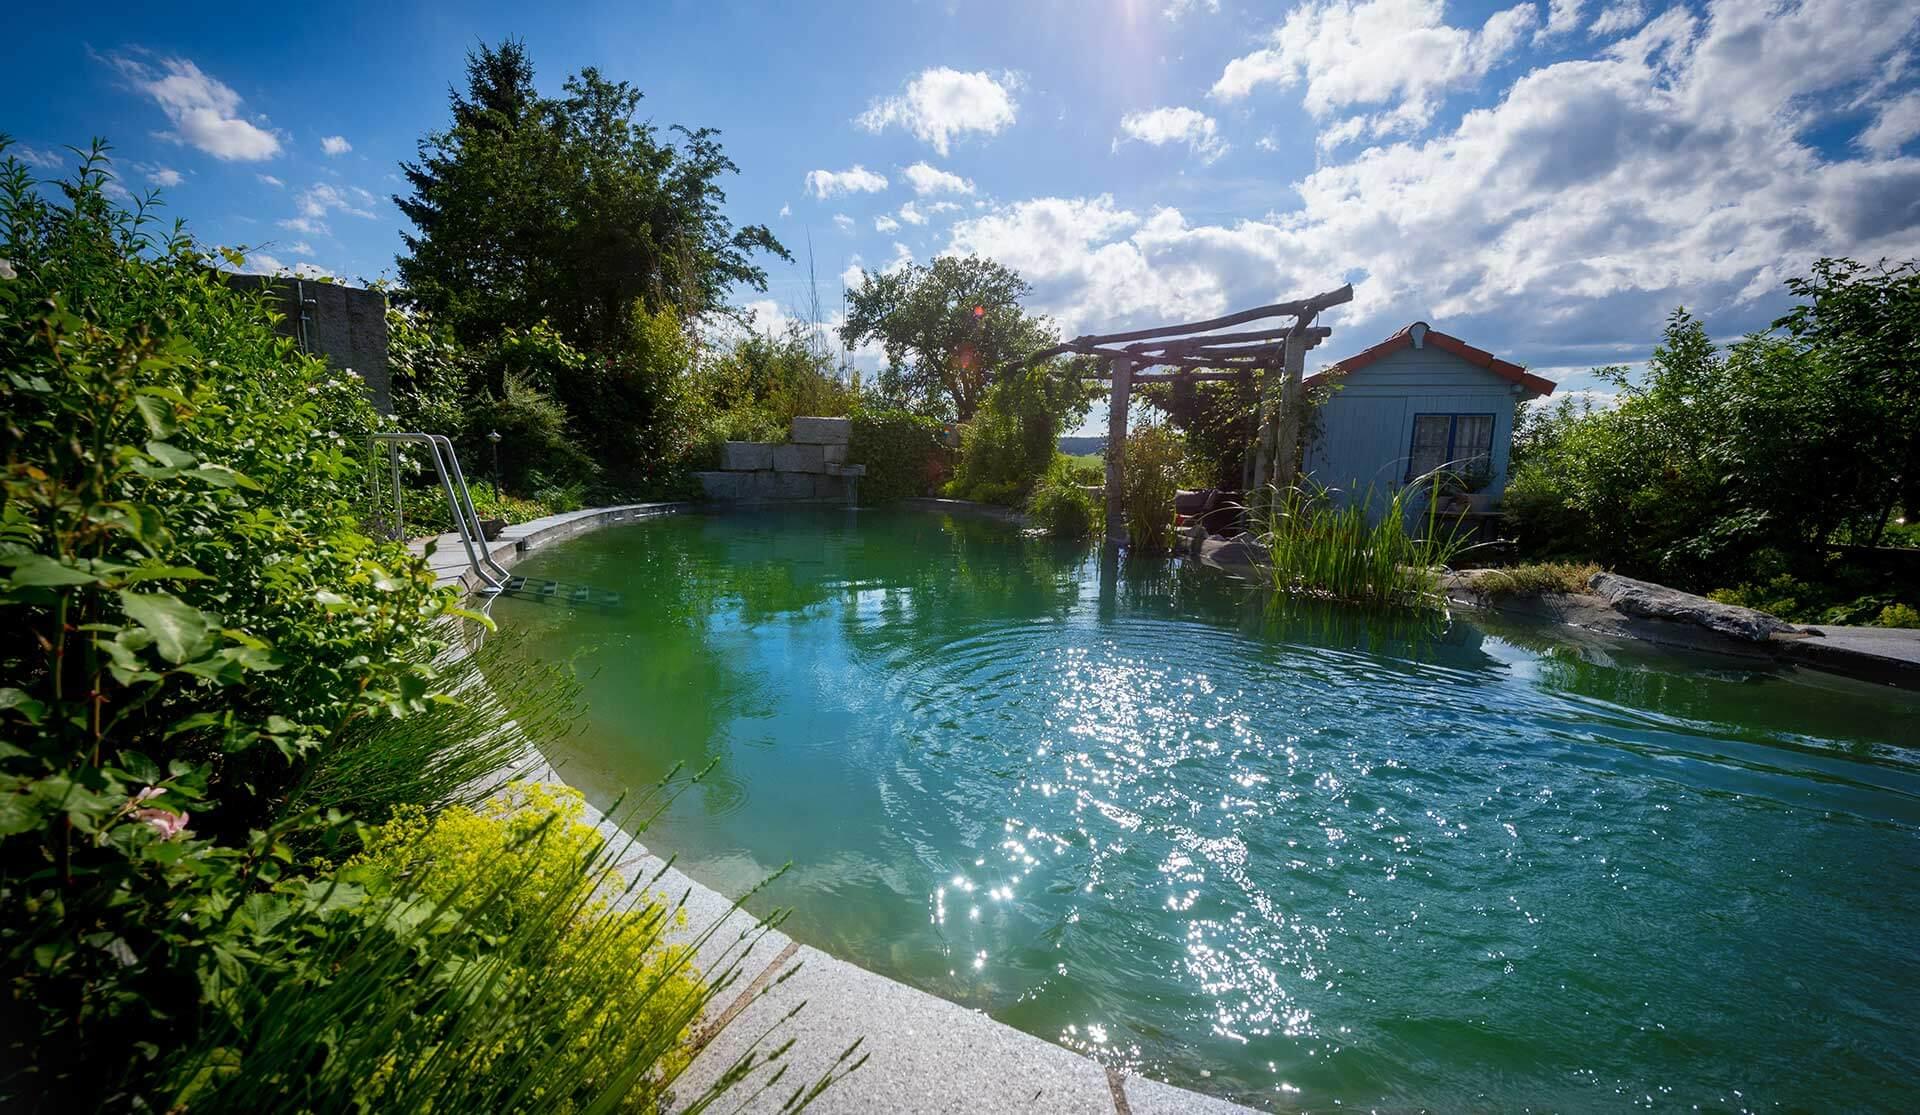 Schwimmteich in Niedereschach